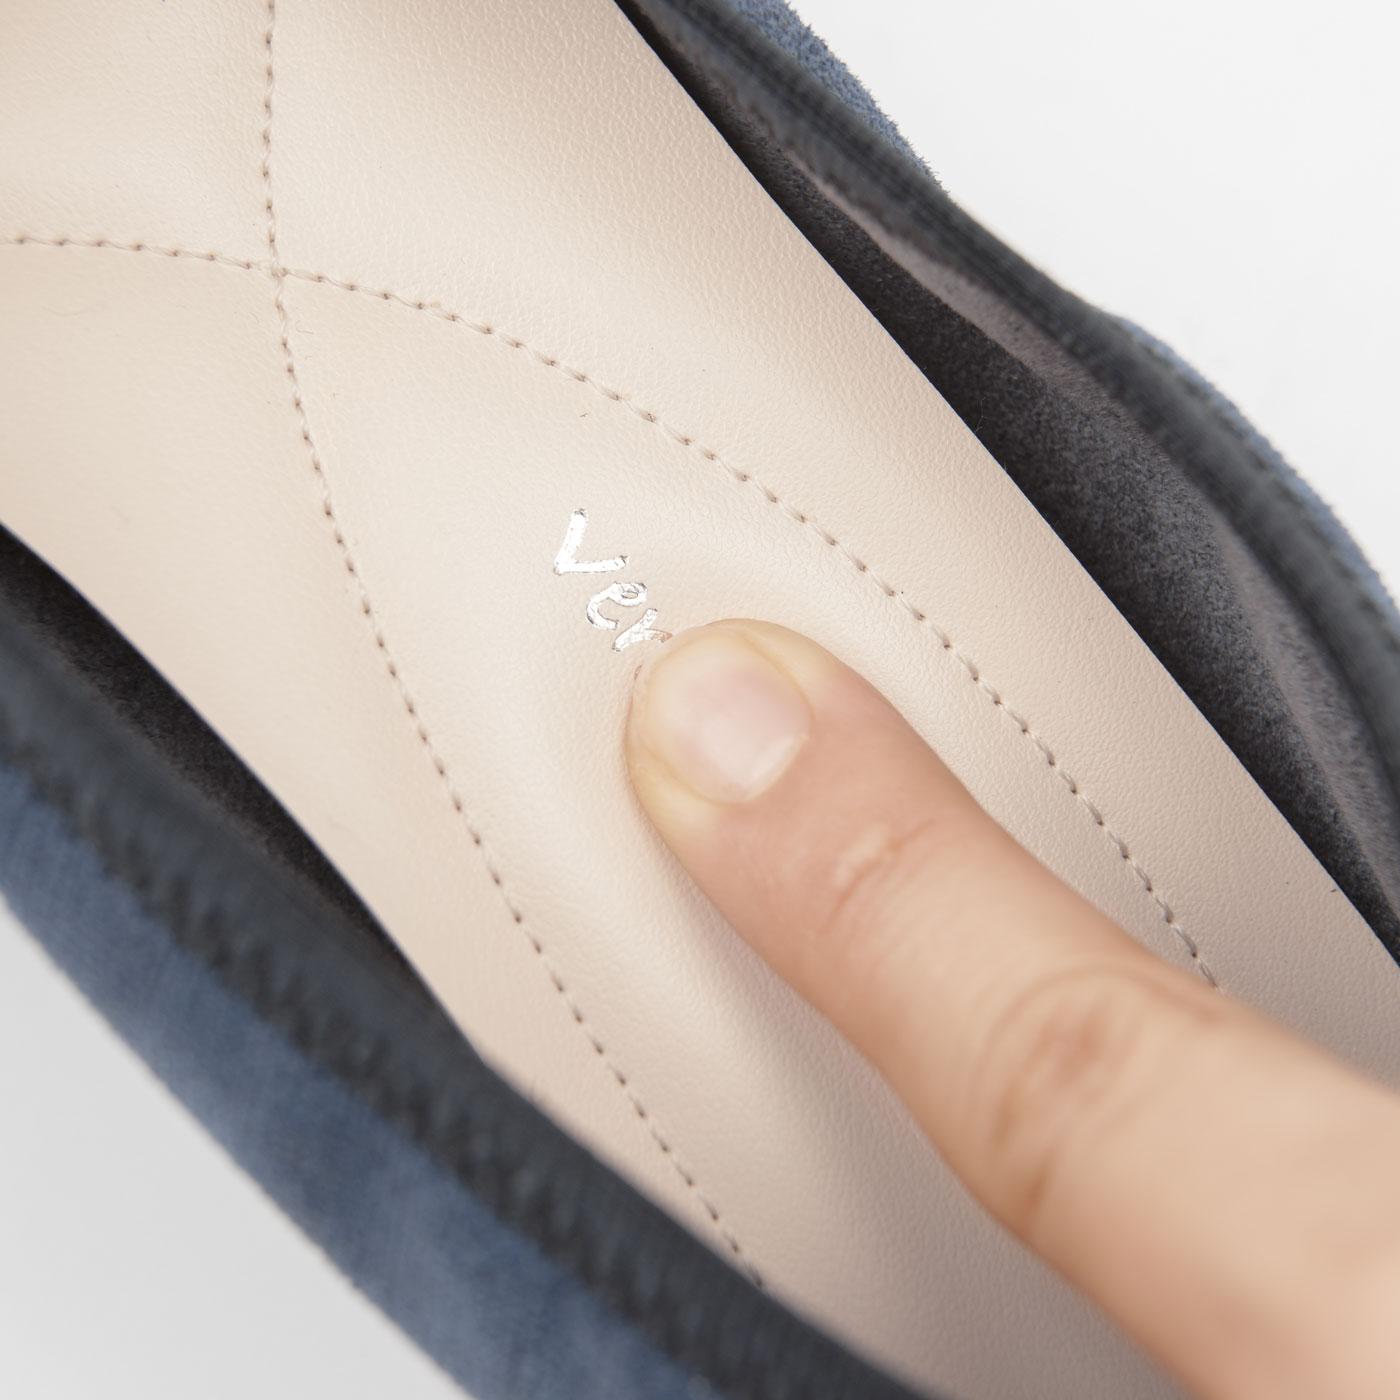 中敷きには、全面低反発素材を使用。足裏を包み込んで快適な履き心地。